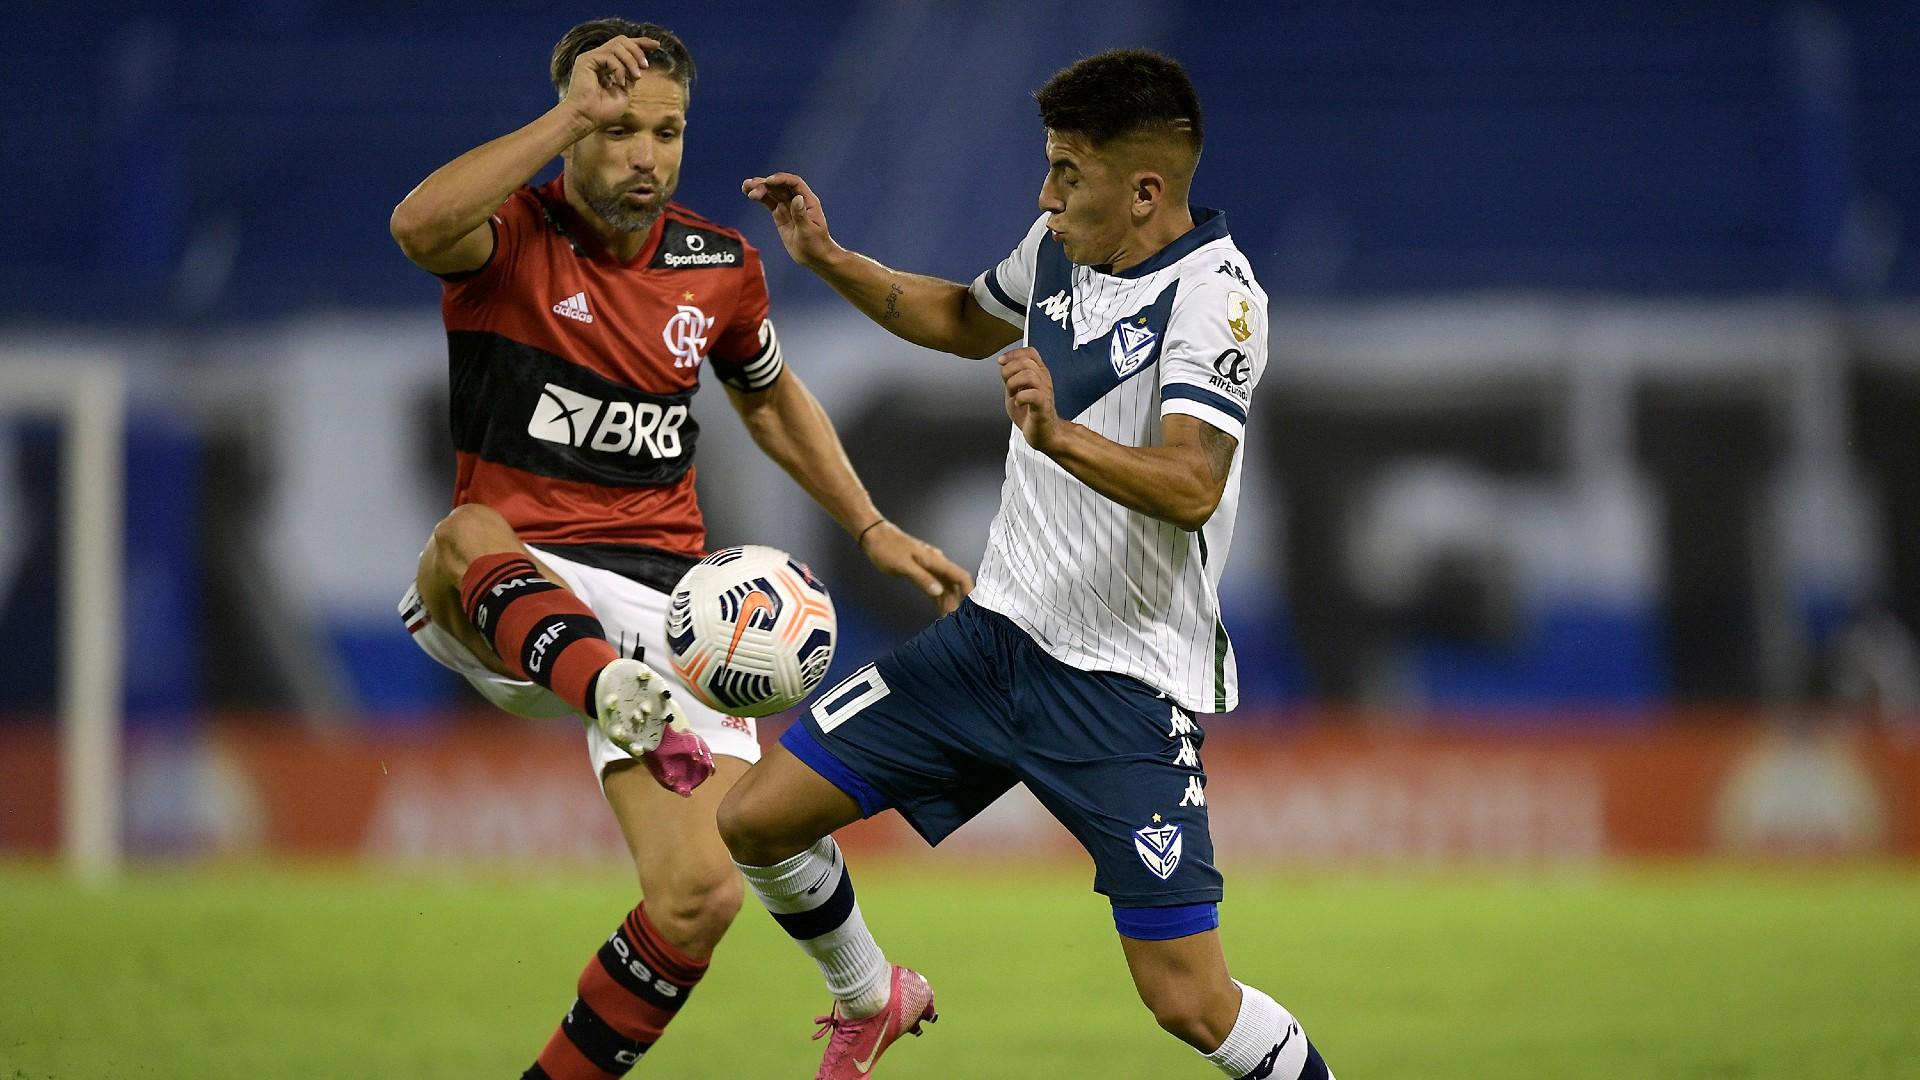 Grupo G de la Copa Libertadores 2021: fixture, partidos y posiciones |  Goal.com